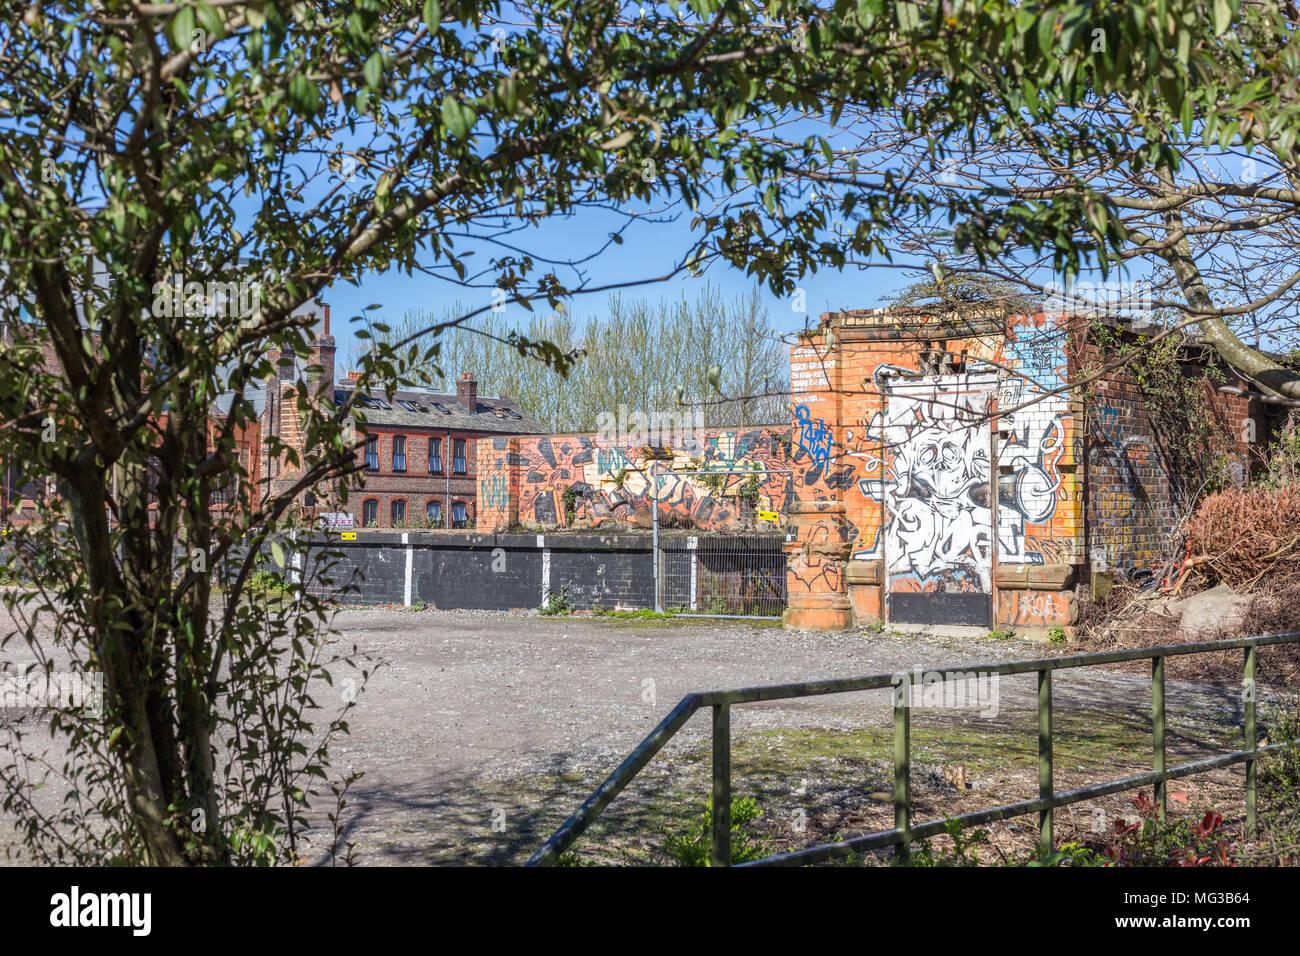 Innere Stadt, Natur trifft Stadt, Städtebau mit Graffiti und Framing ...